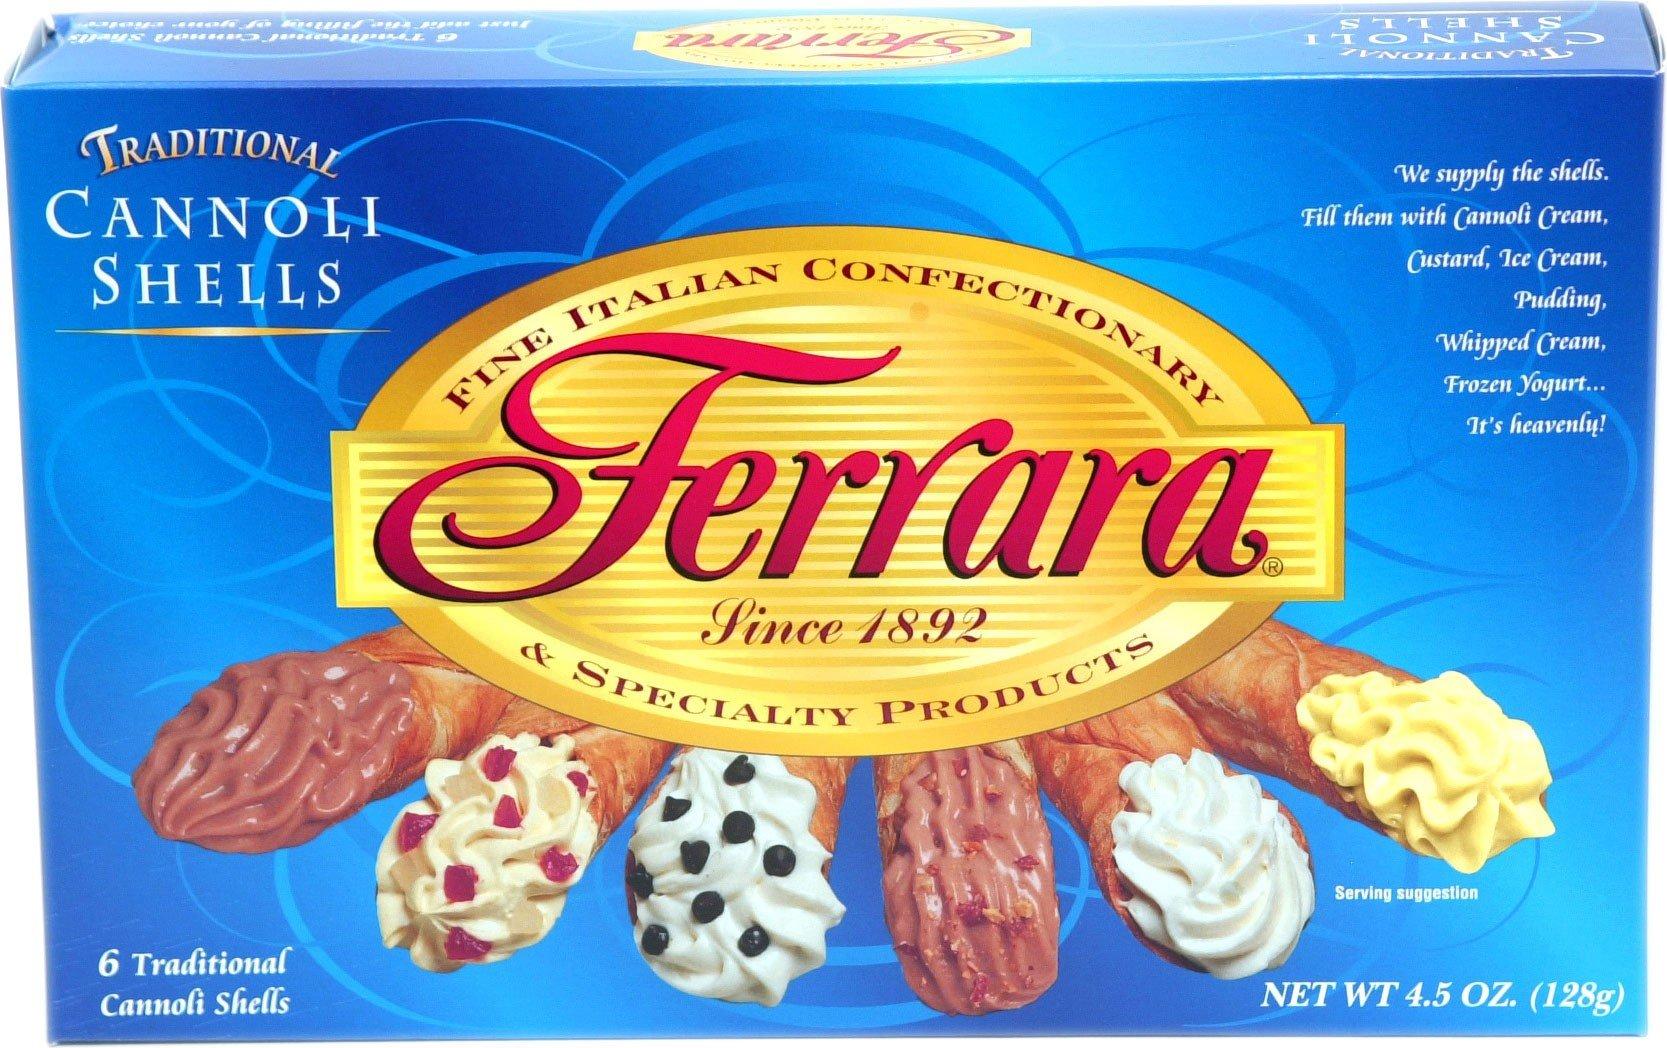 Ferrara Cannoli Shells - 2 boxes of 6 shells each by Ferrara